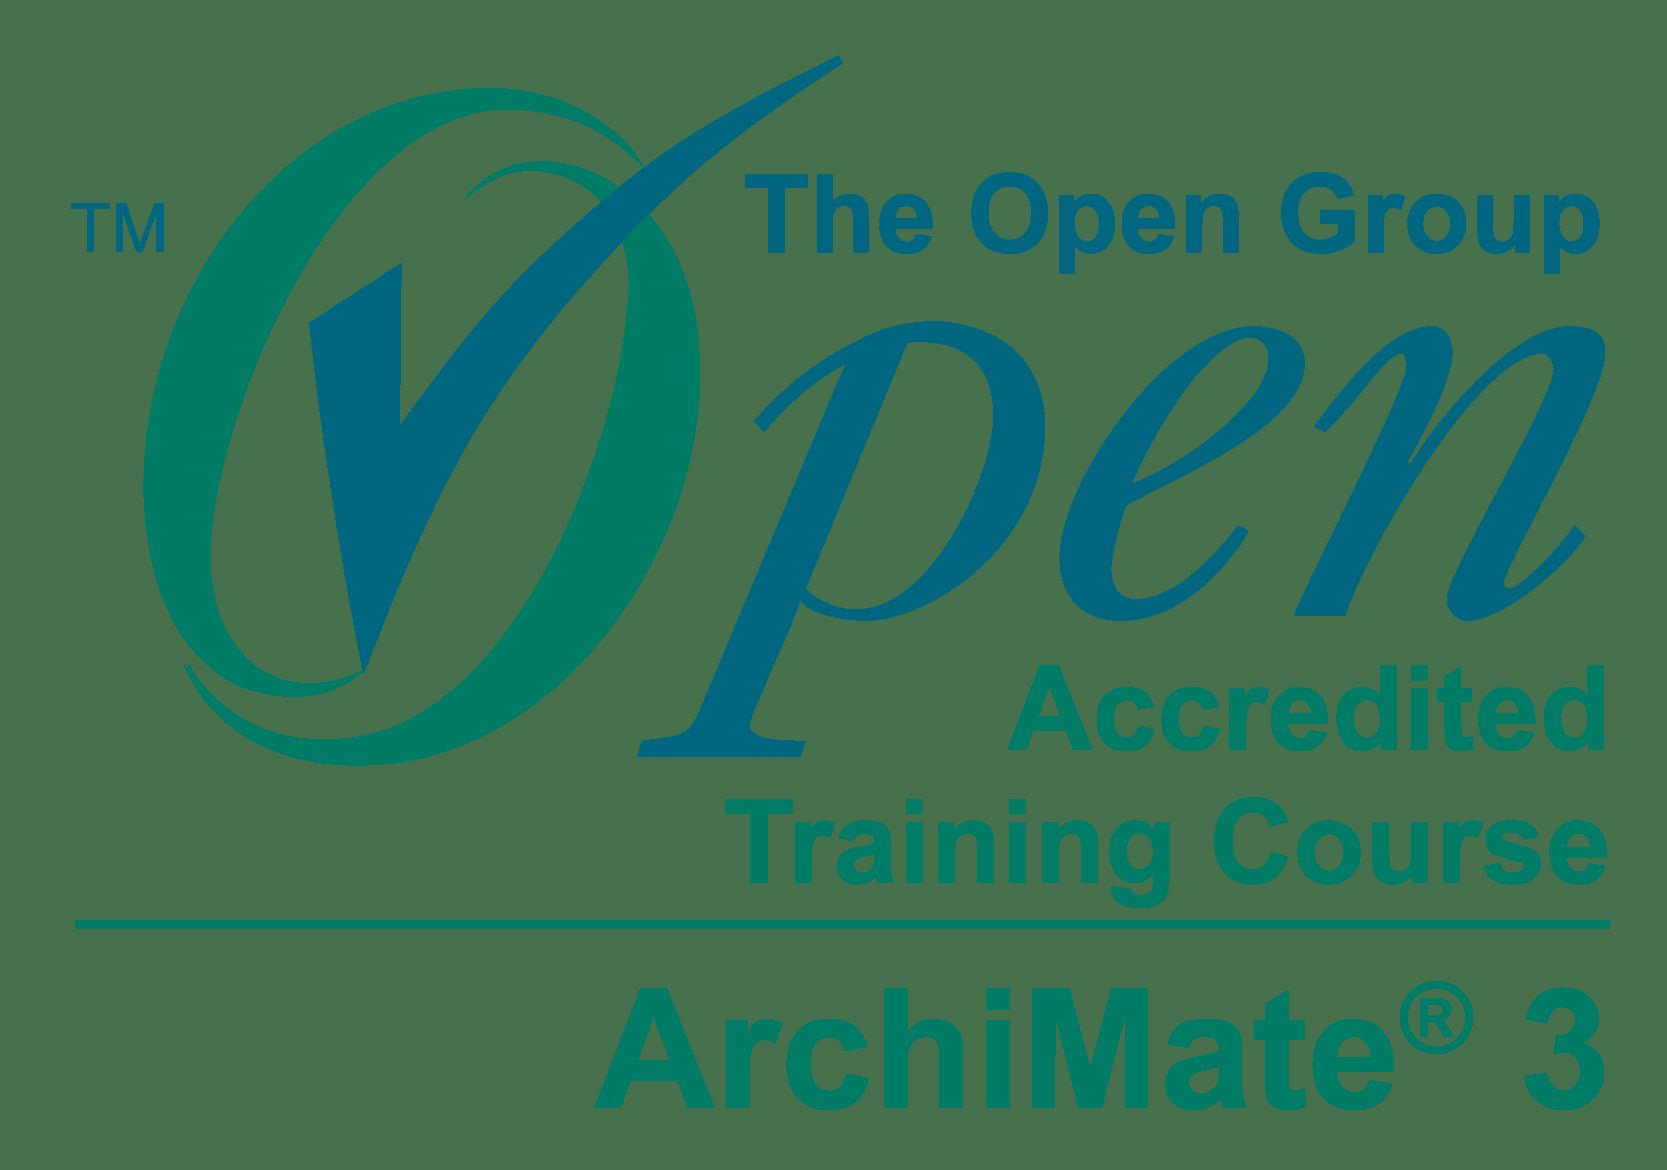 De ArchiMate®Training van The Unit Company is geaccrediteerd door The Open Group